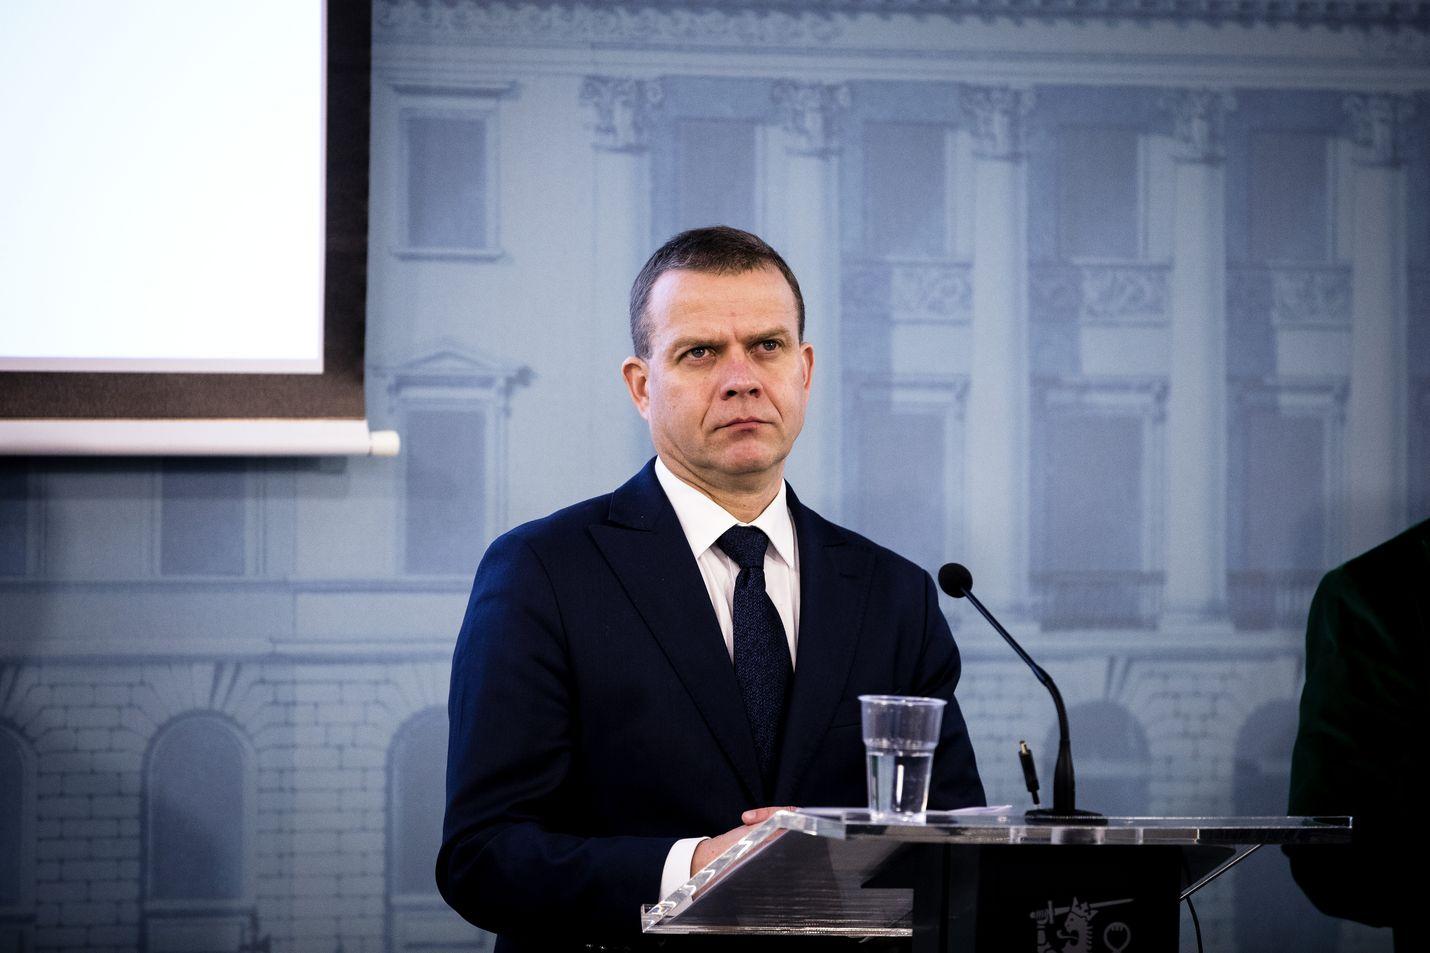 Kokoomuksen puheenjohtaja, valtiovarainministeri Petteri Orpo sanoo, että kokoomus ei ole muuttanut kantaansa, vaan kannattaa vanhuspalvelulain muuttamista.